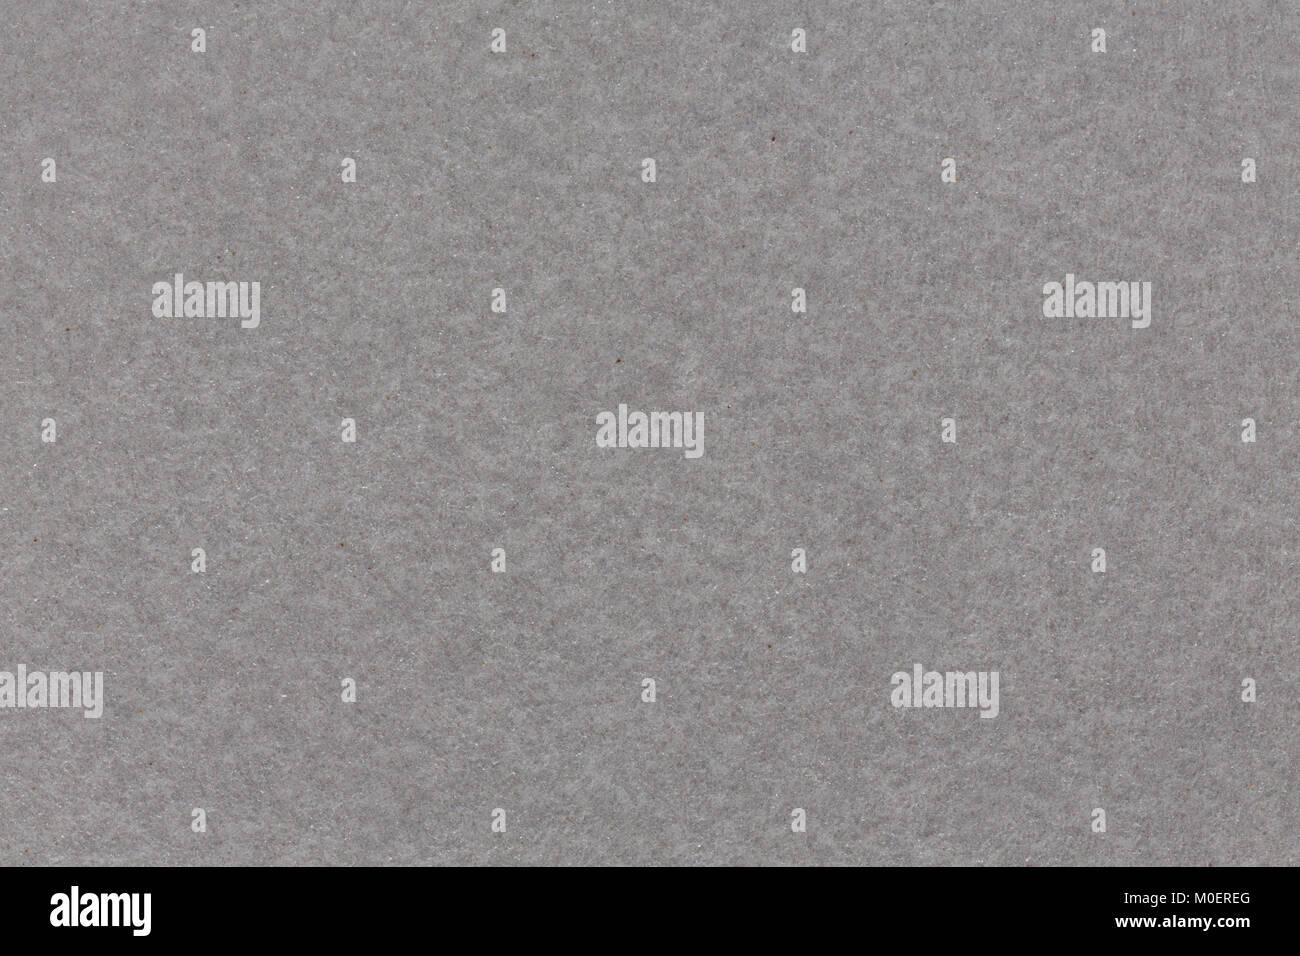 La texture du papier, papier gris et de milieux différents. Photo Stock